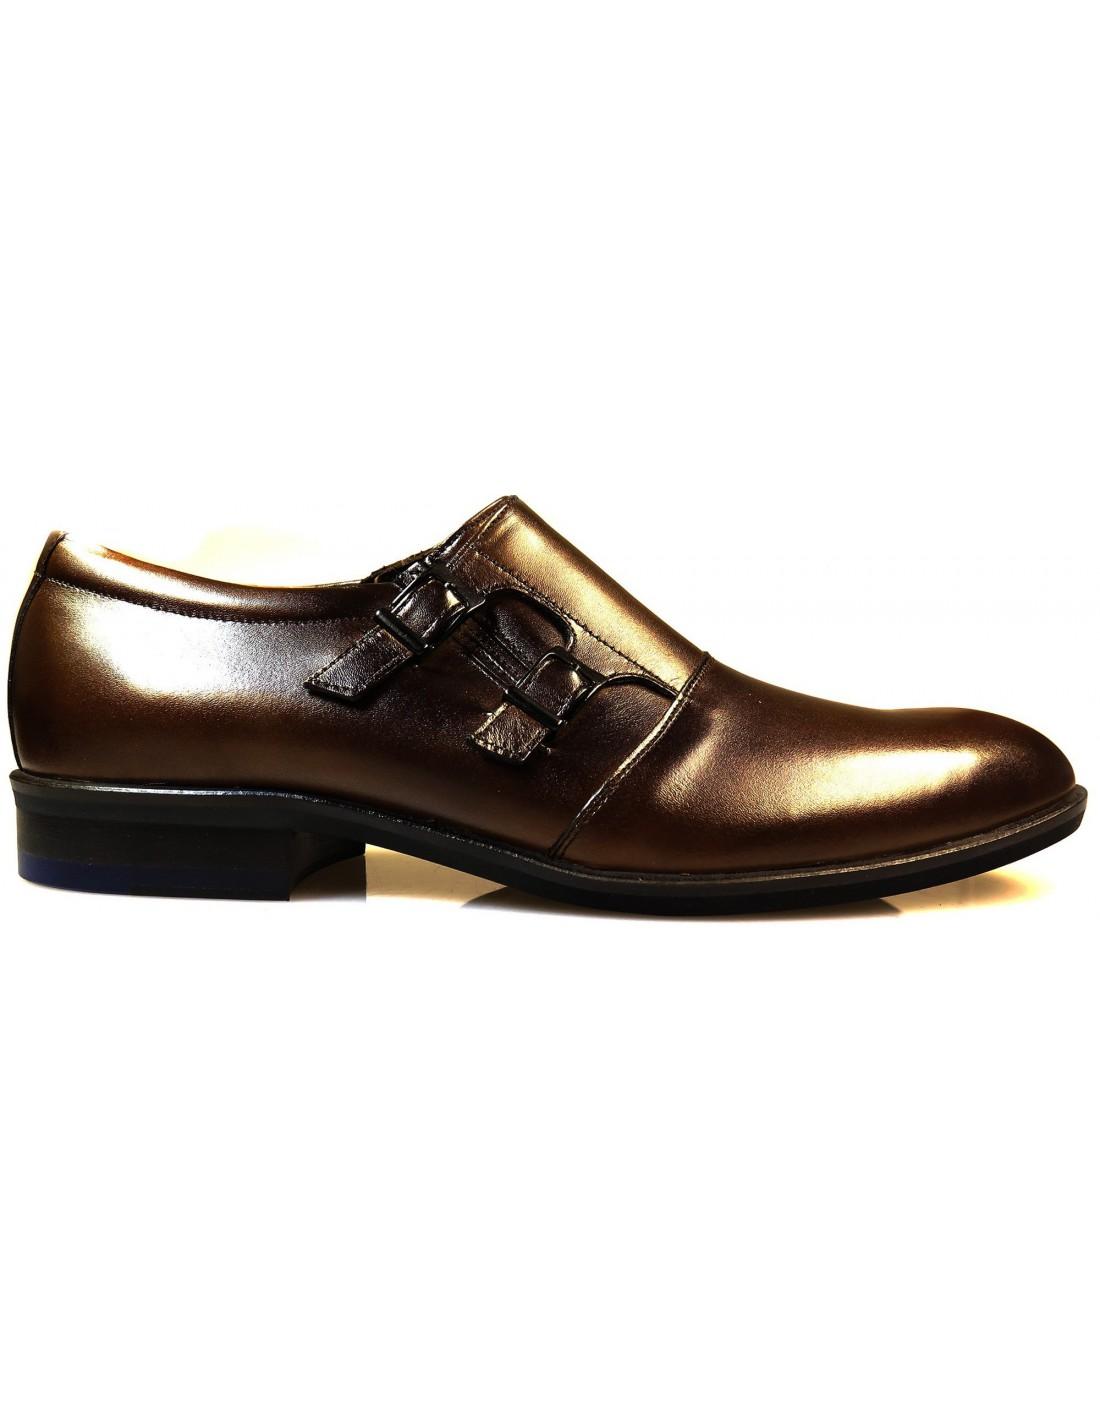 Br zowe wsuwane buty m skie sklep internetowy House sklep buty meskie